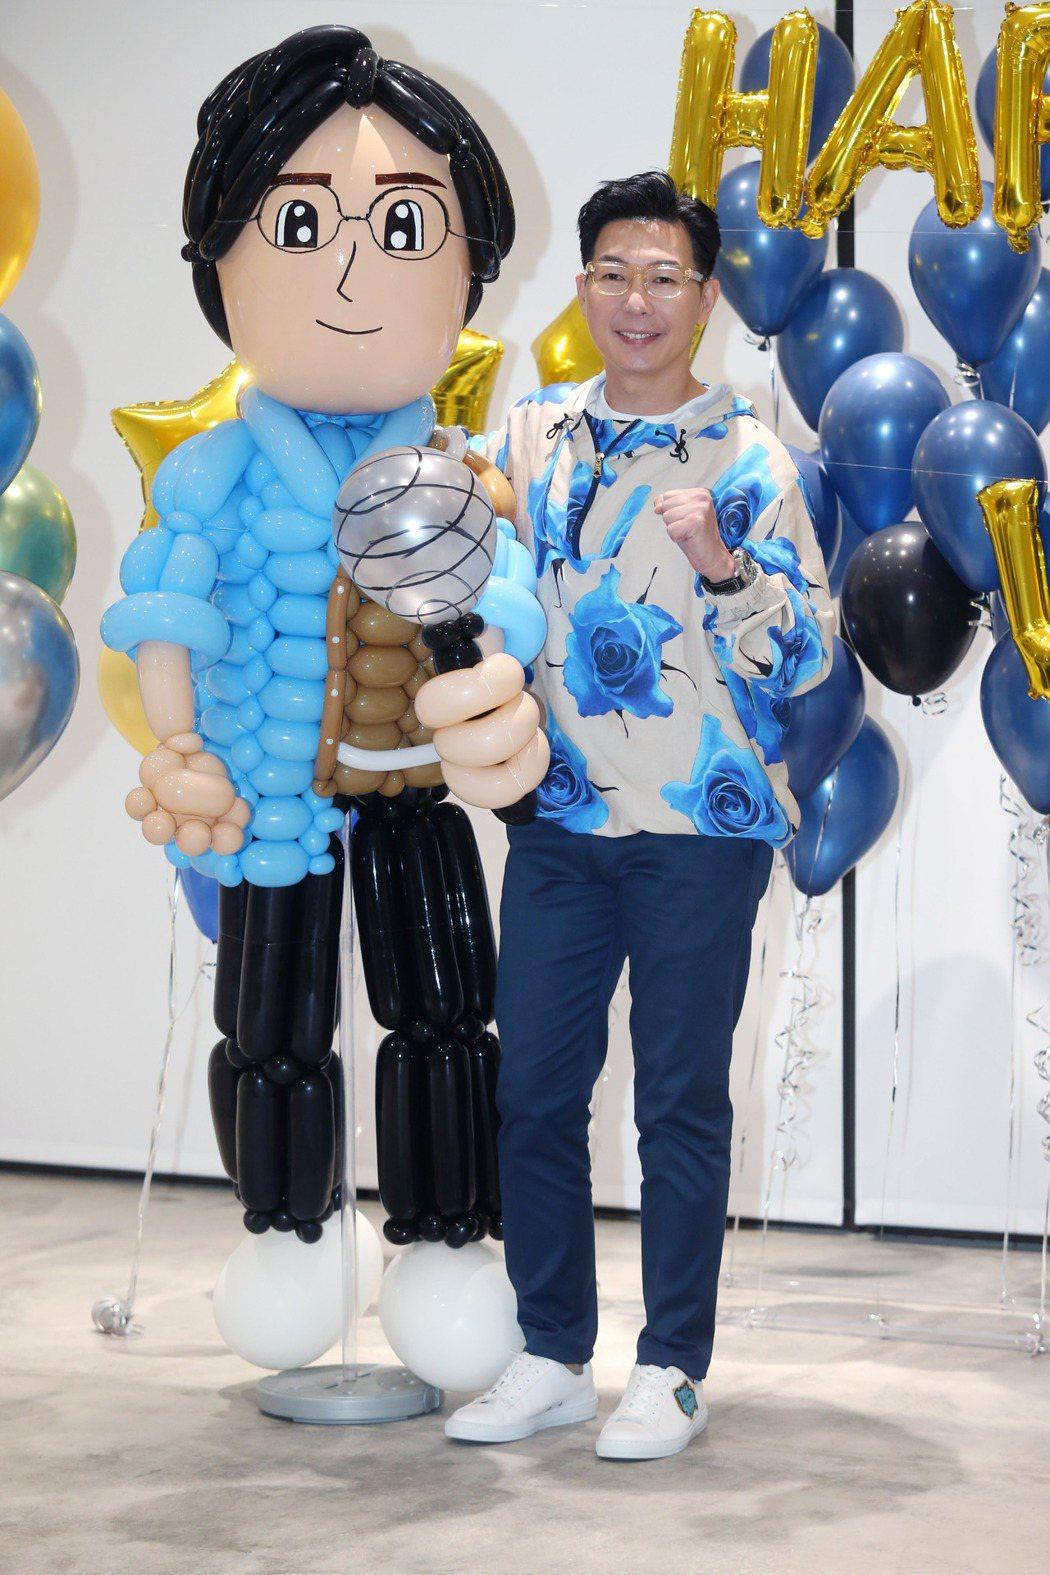 品冠提前慶祝49歲生日。記者邱德祥/攝影